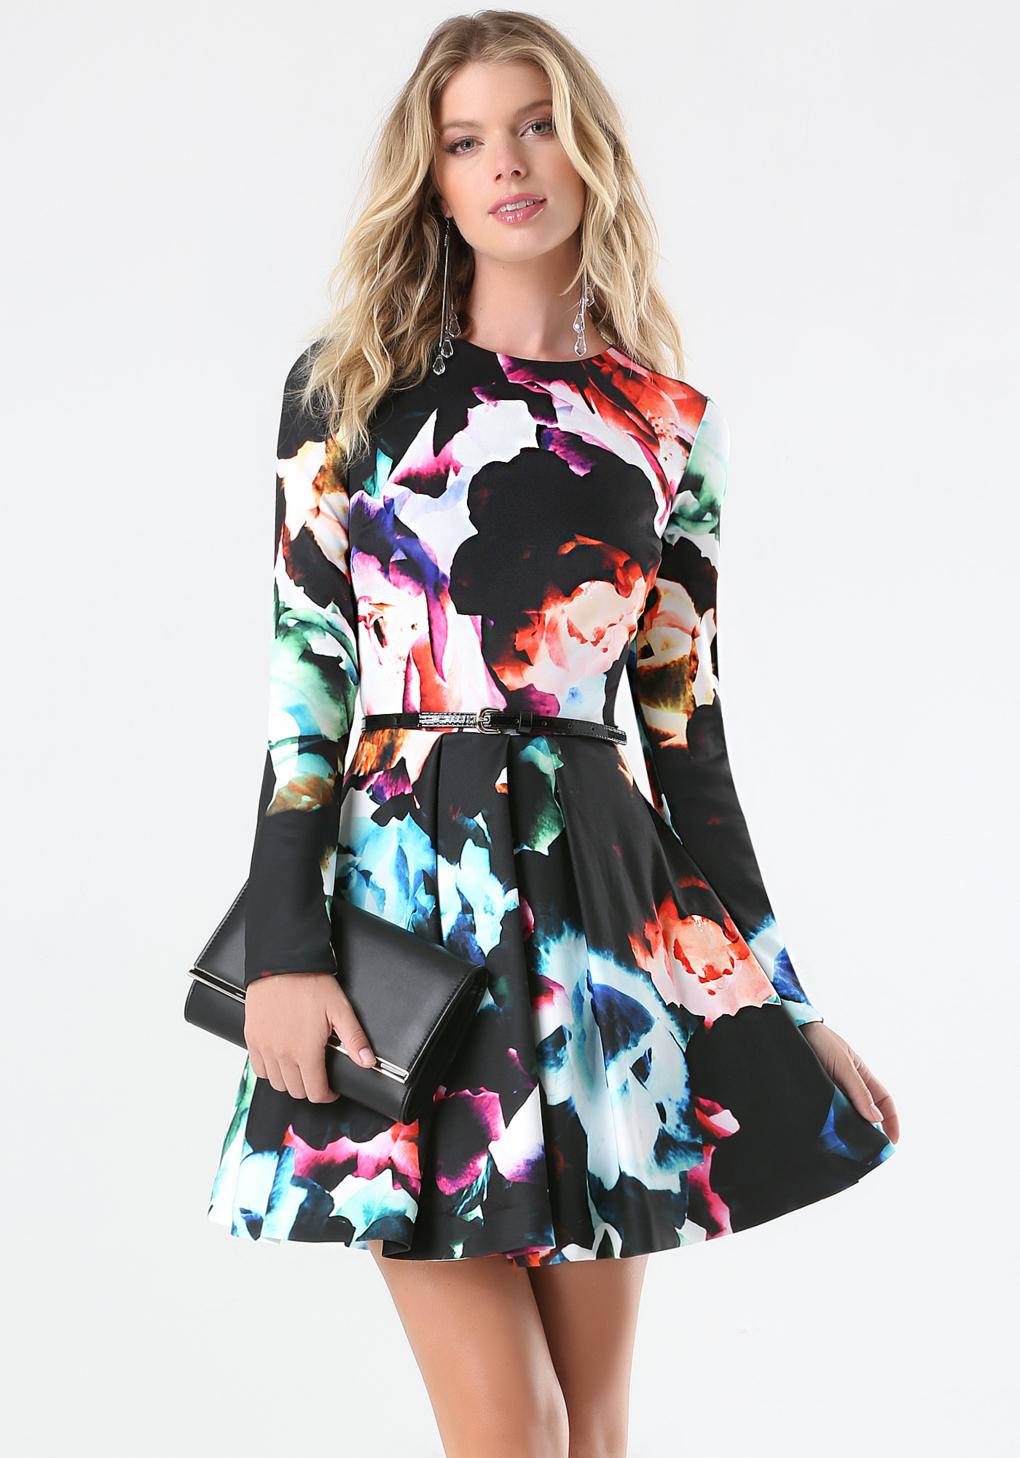 2b9416277b Bebe Black Print Fit & Flare Dress